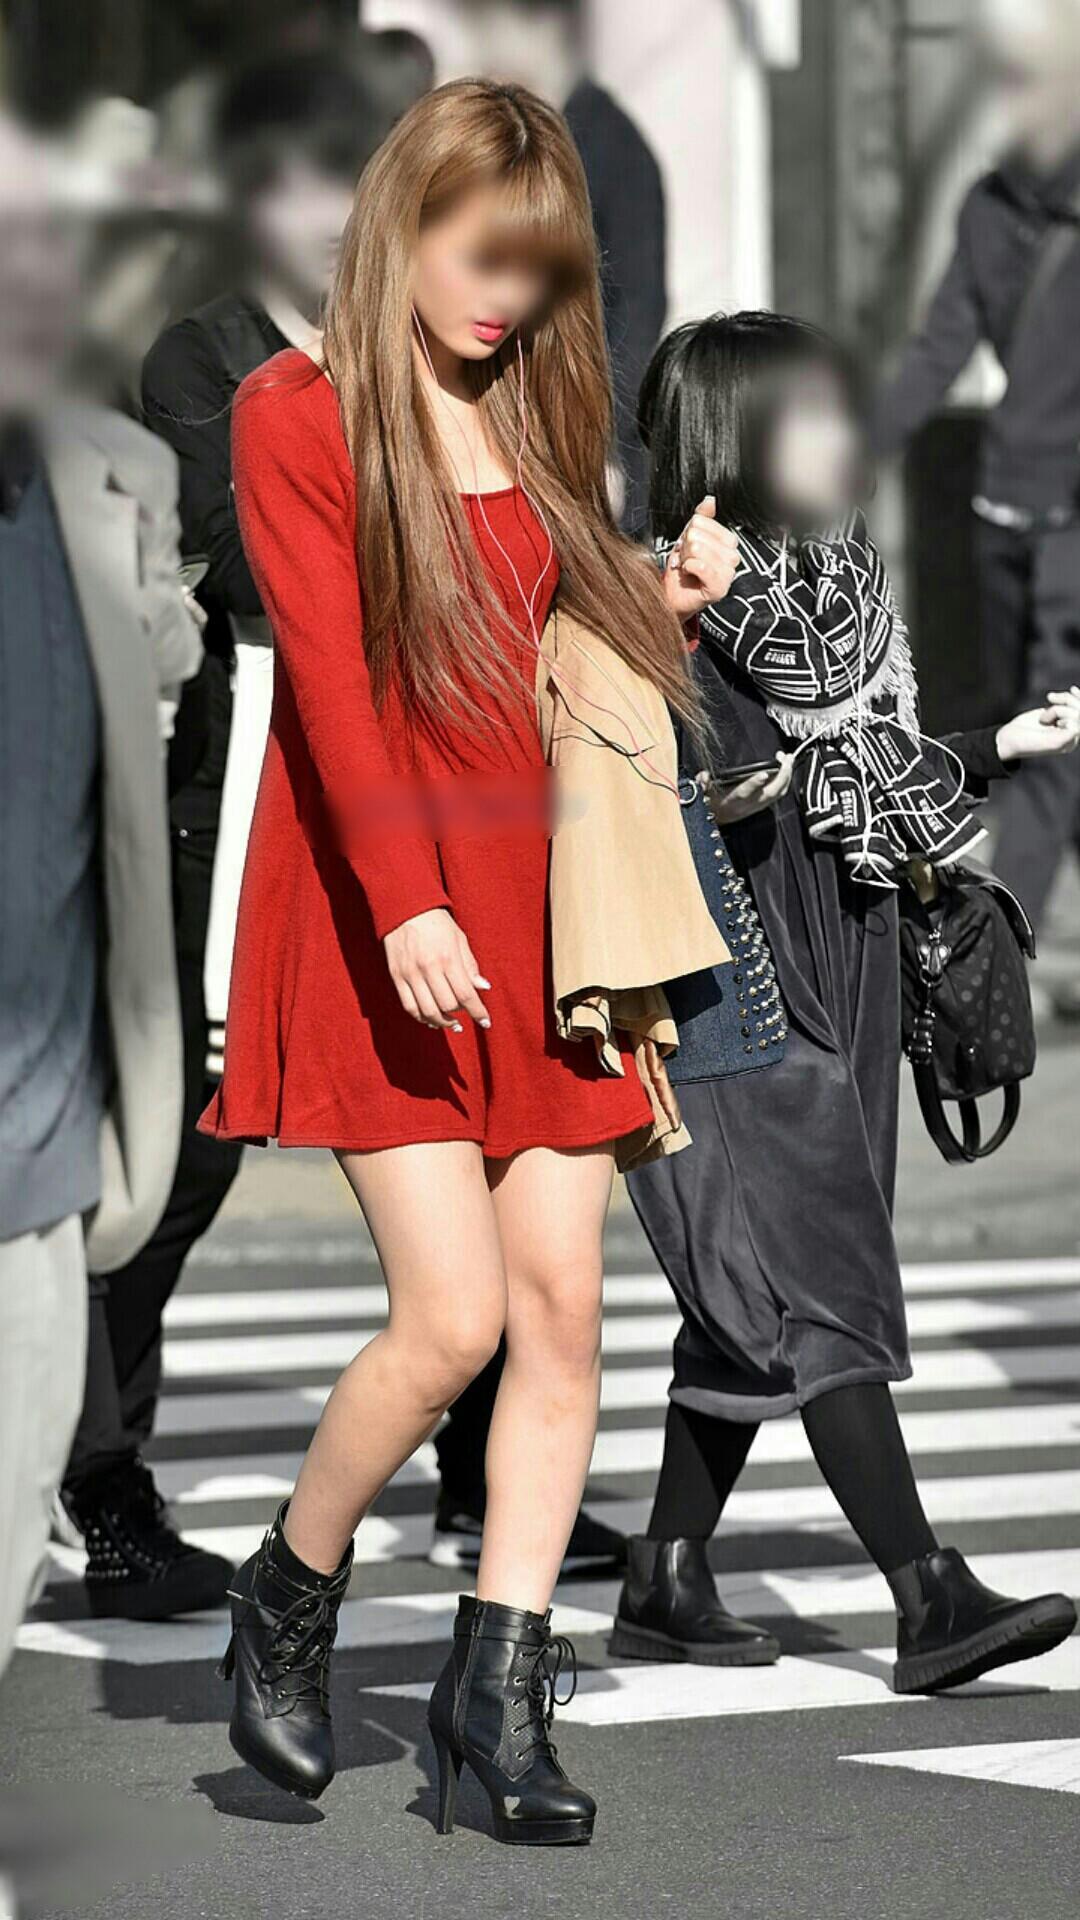 【美脚エロ画像】街へ行けば漏れなく遭遇w見てて飽きない現代女性の美脚www 02